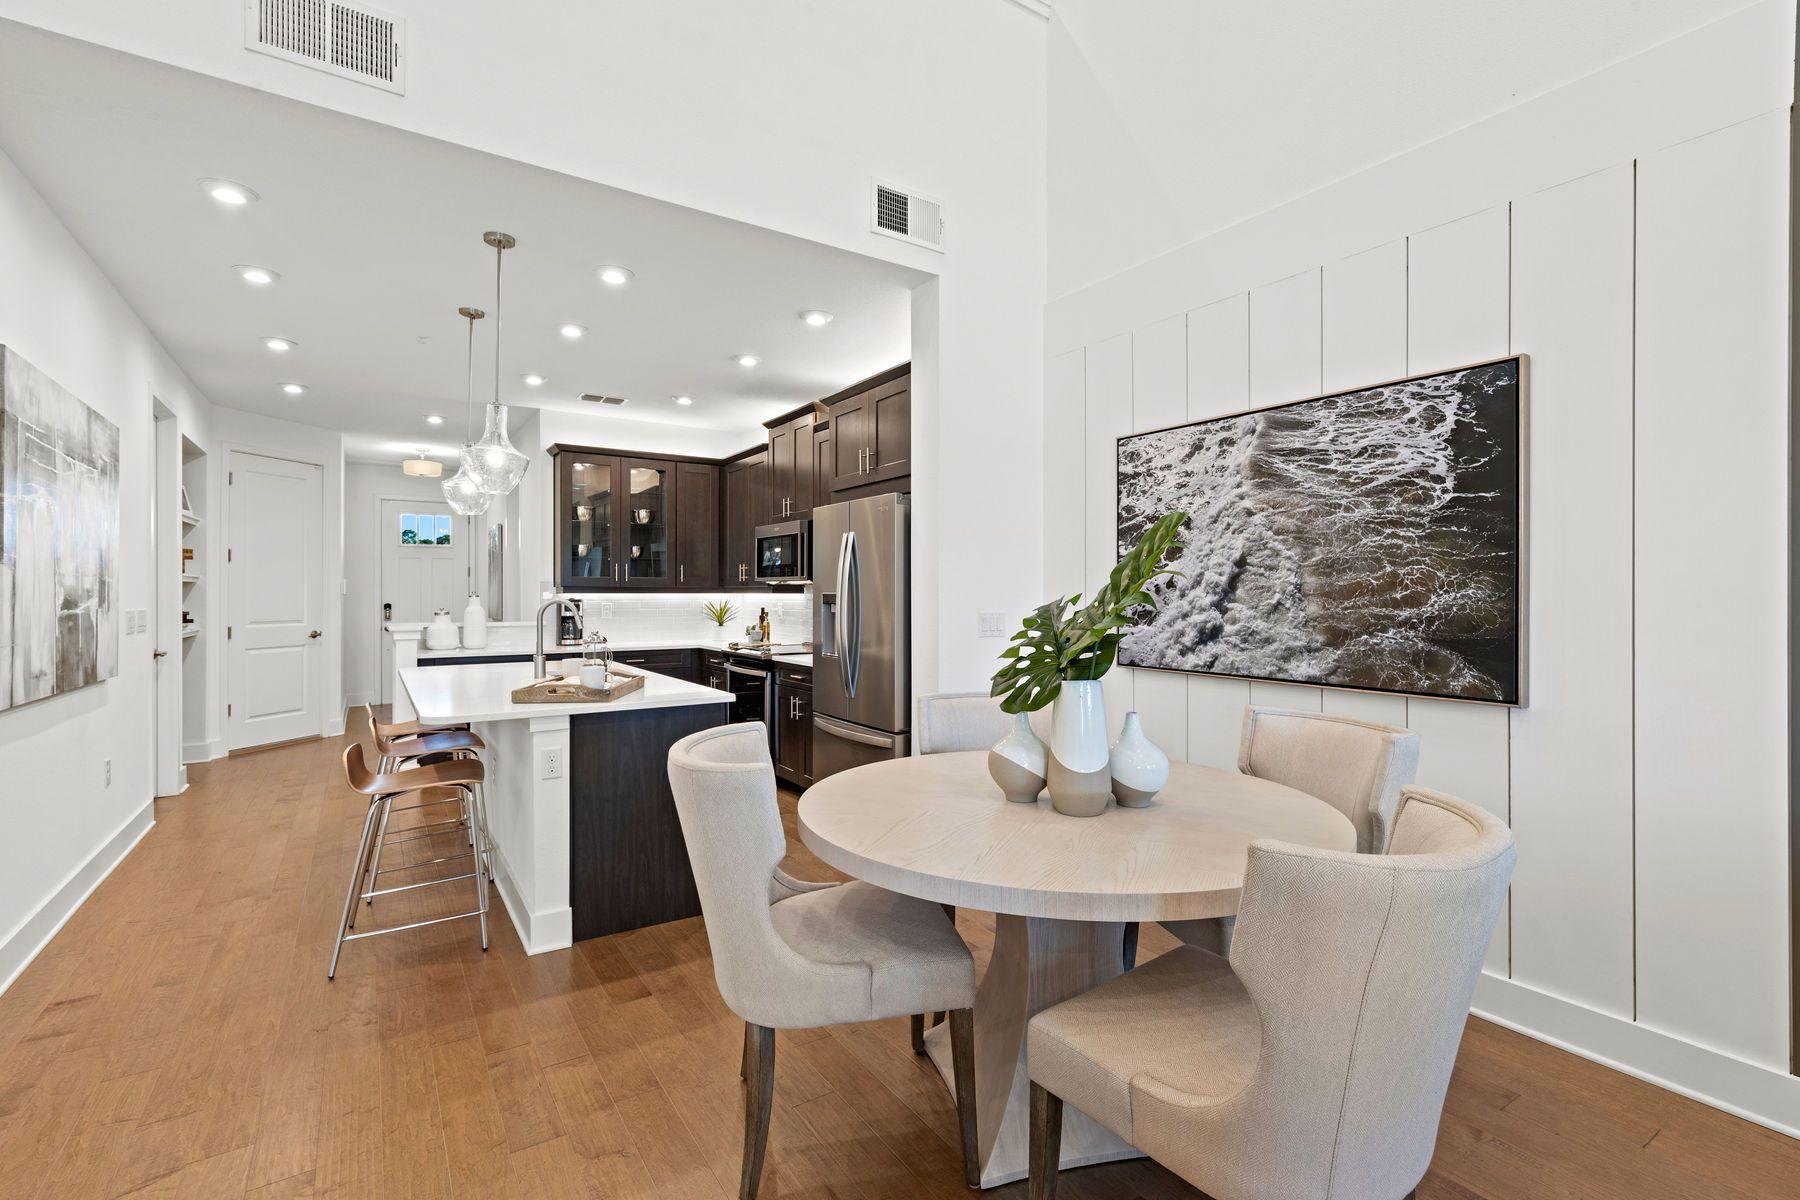 Kitchen featured in the Sandbar By Mattamy Homes in Naples, FL